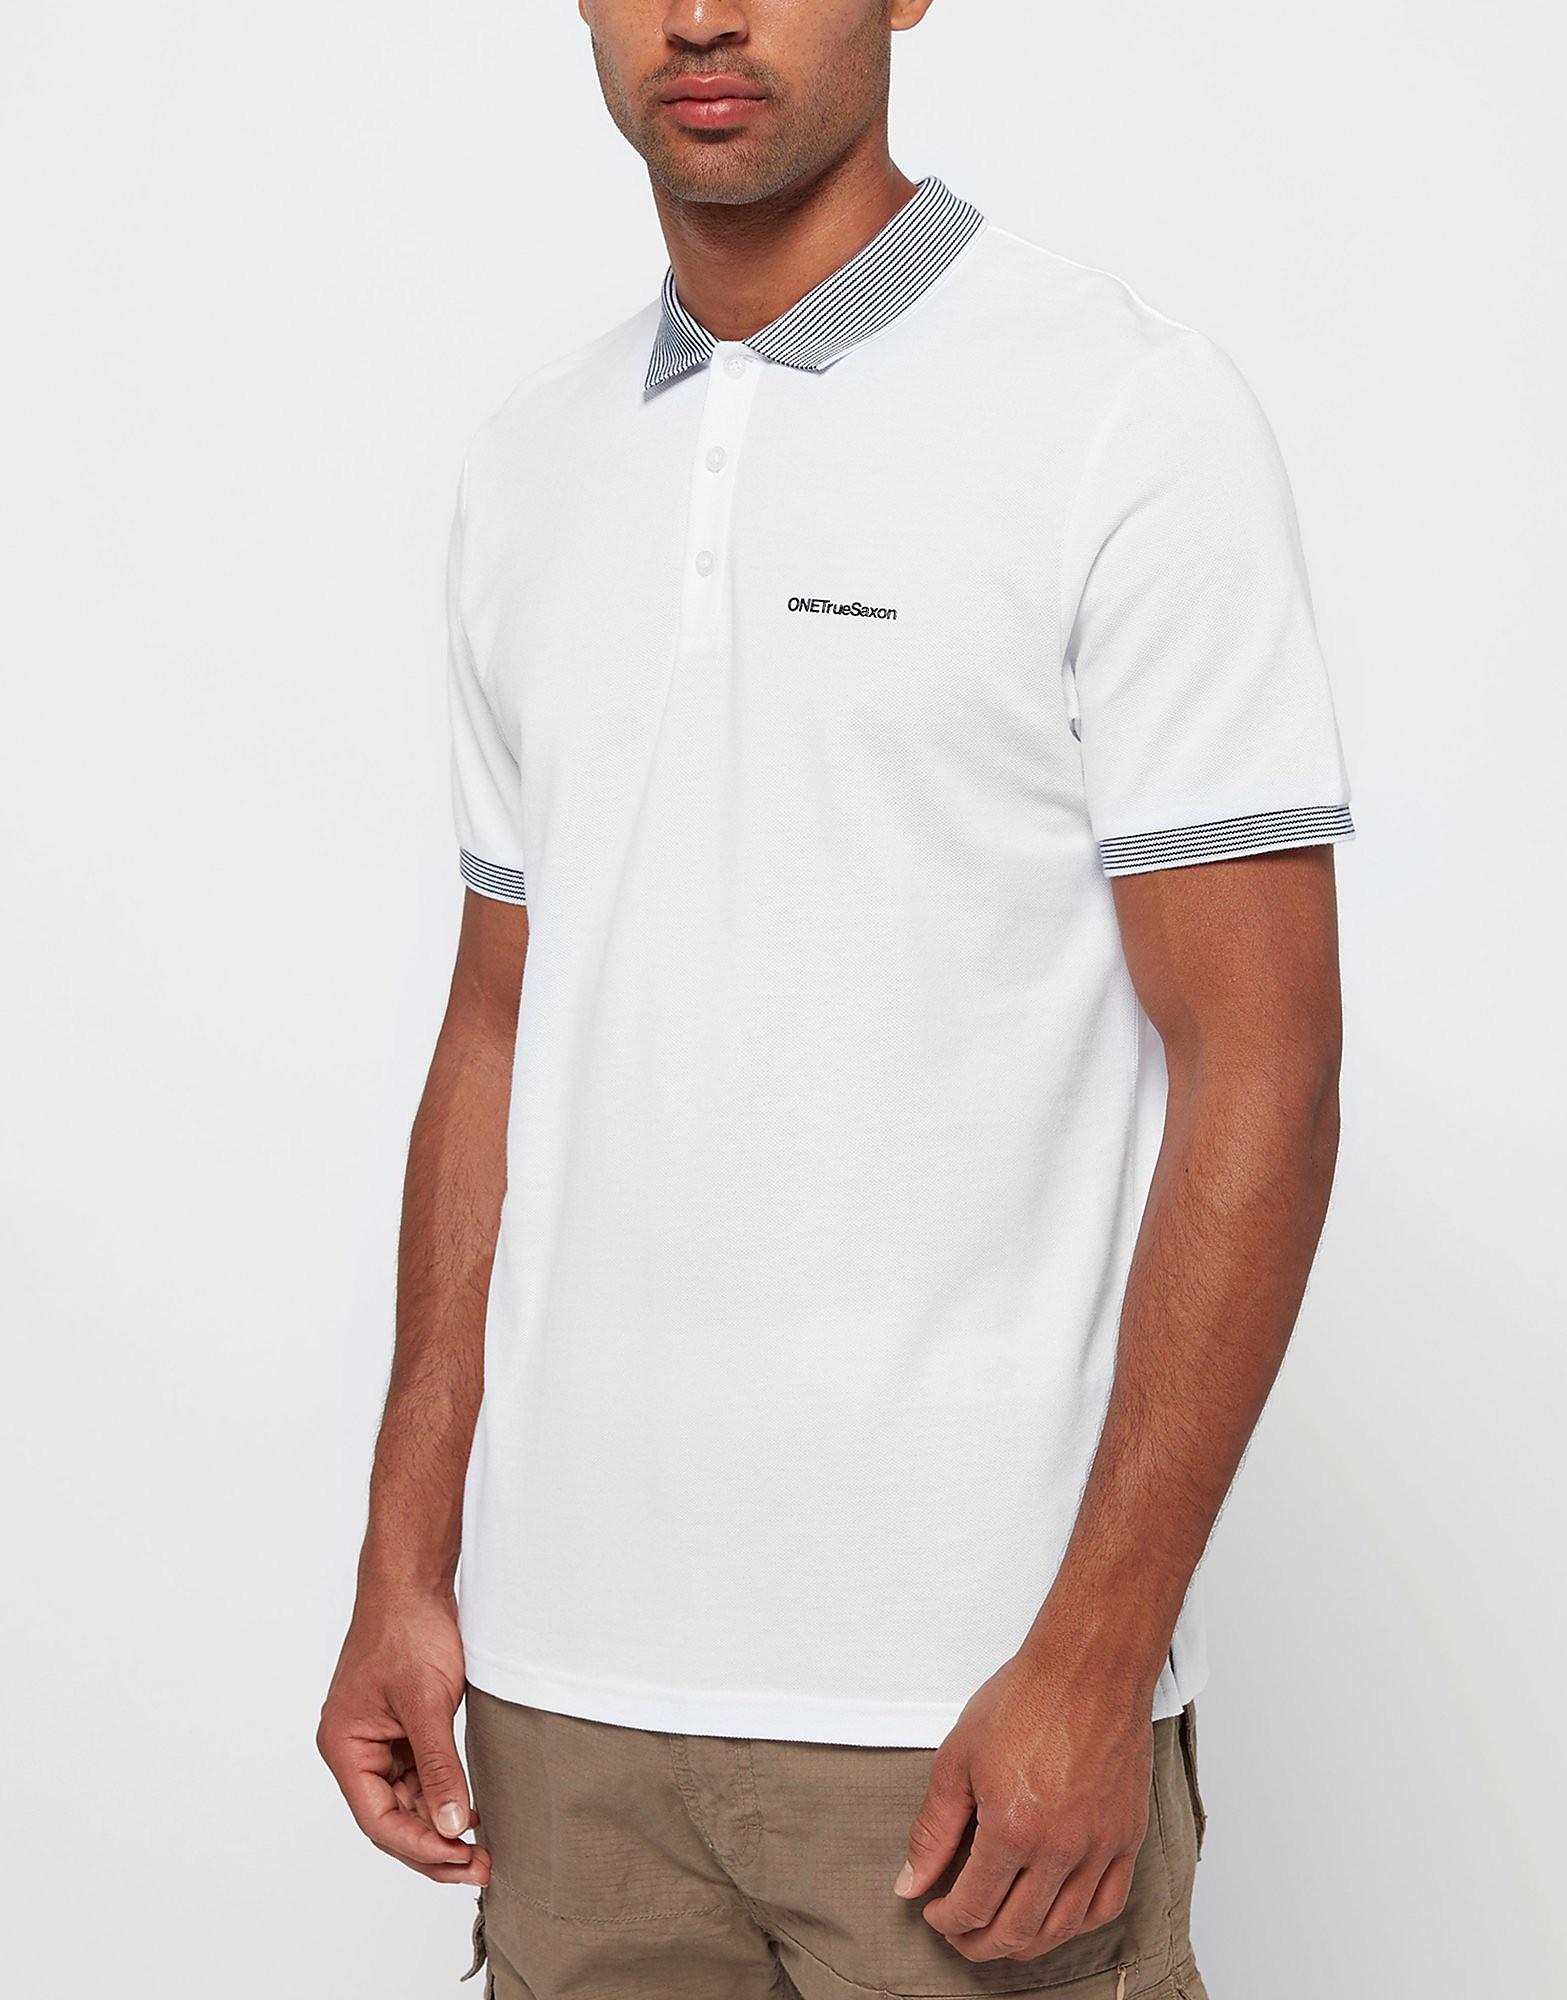 One True Saxon Houghton Polo Shirt - Exclusive